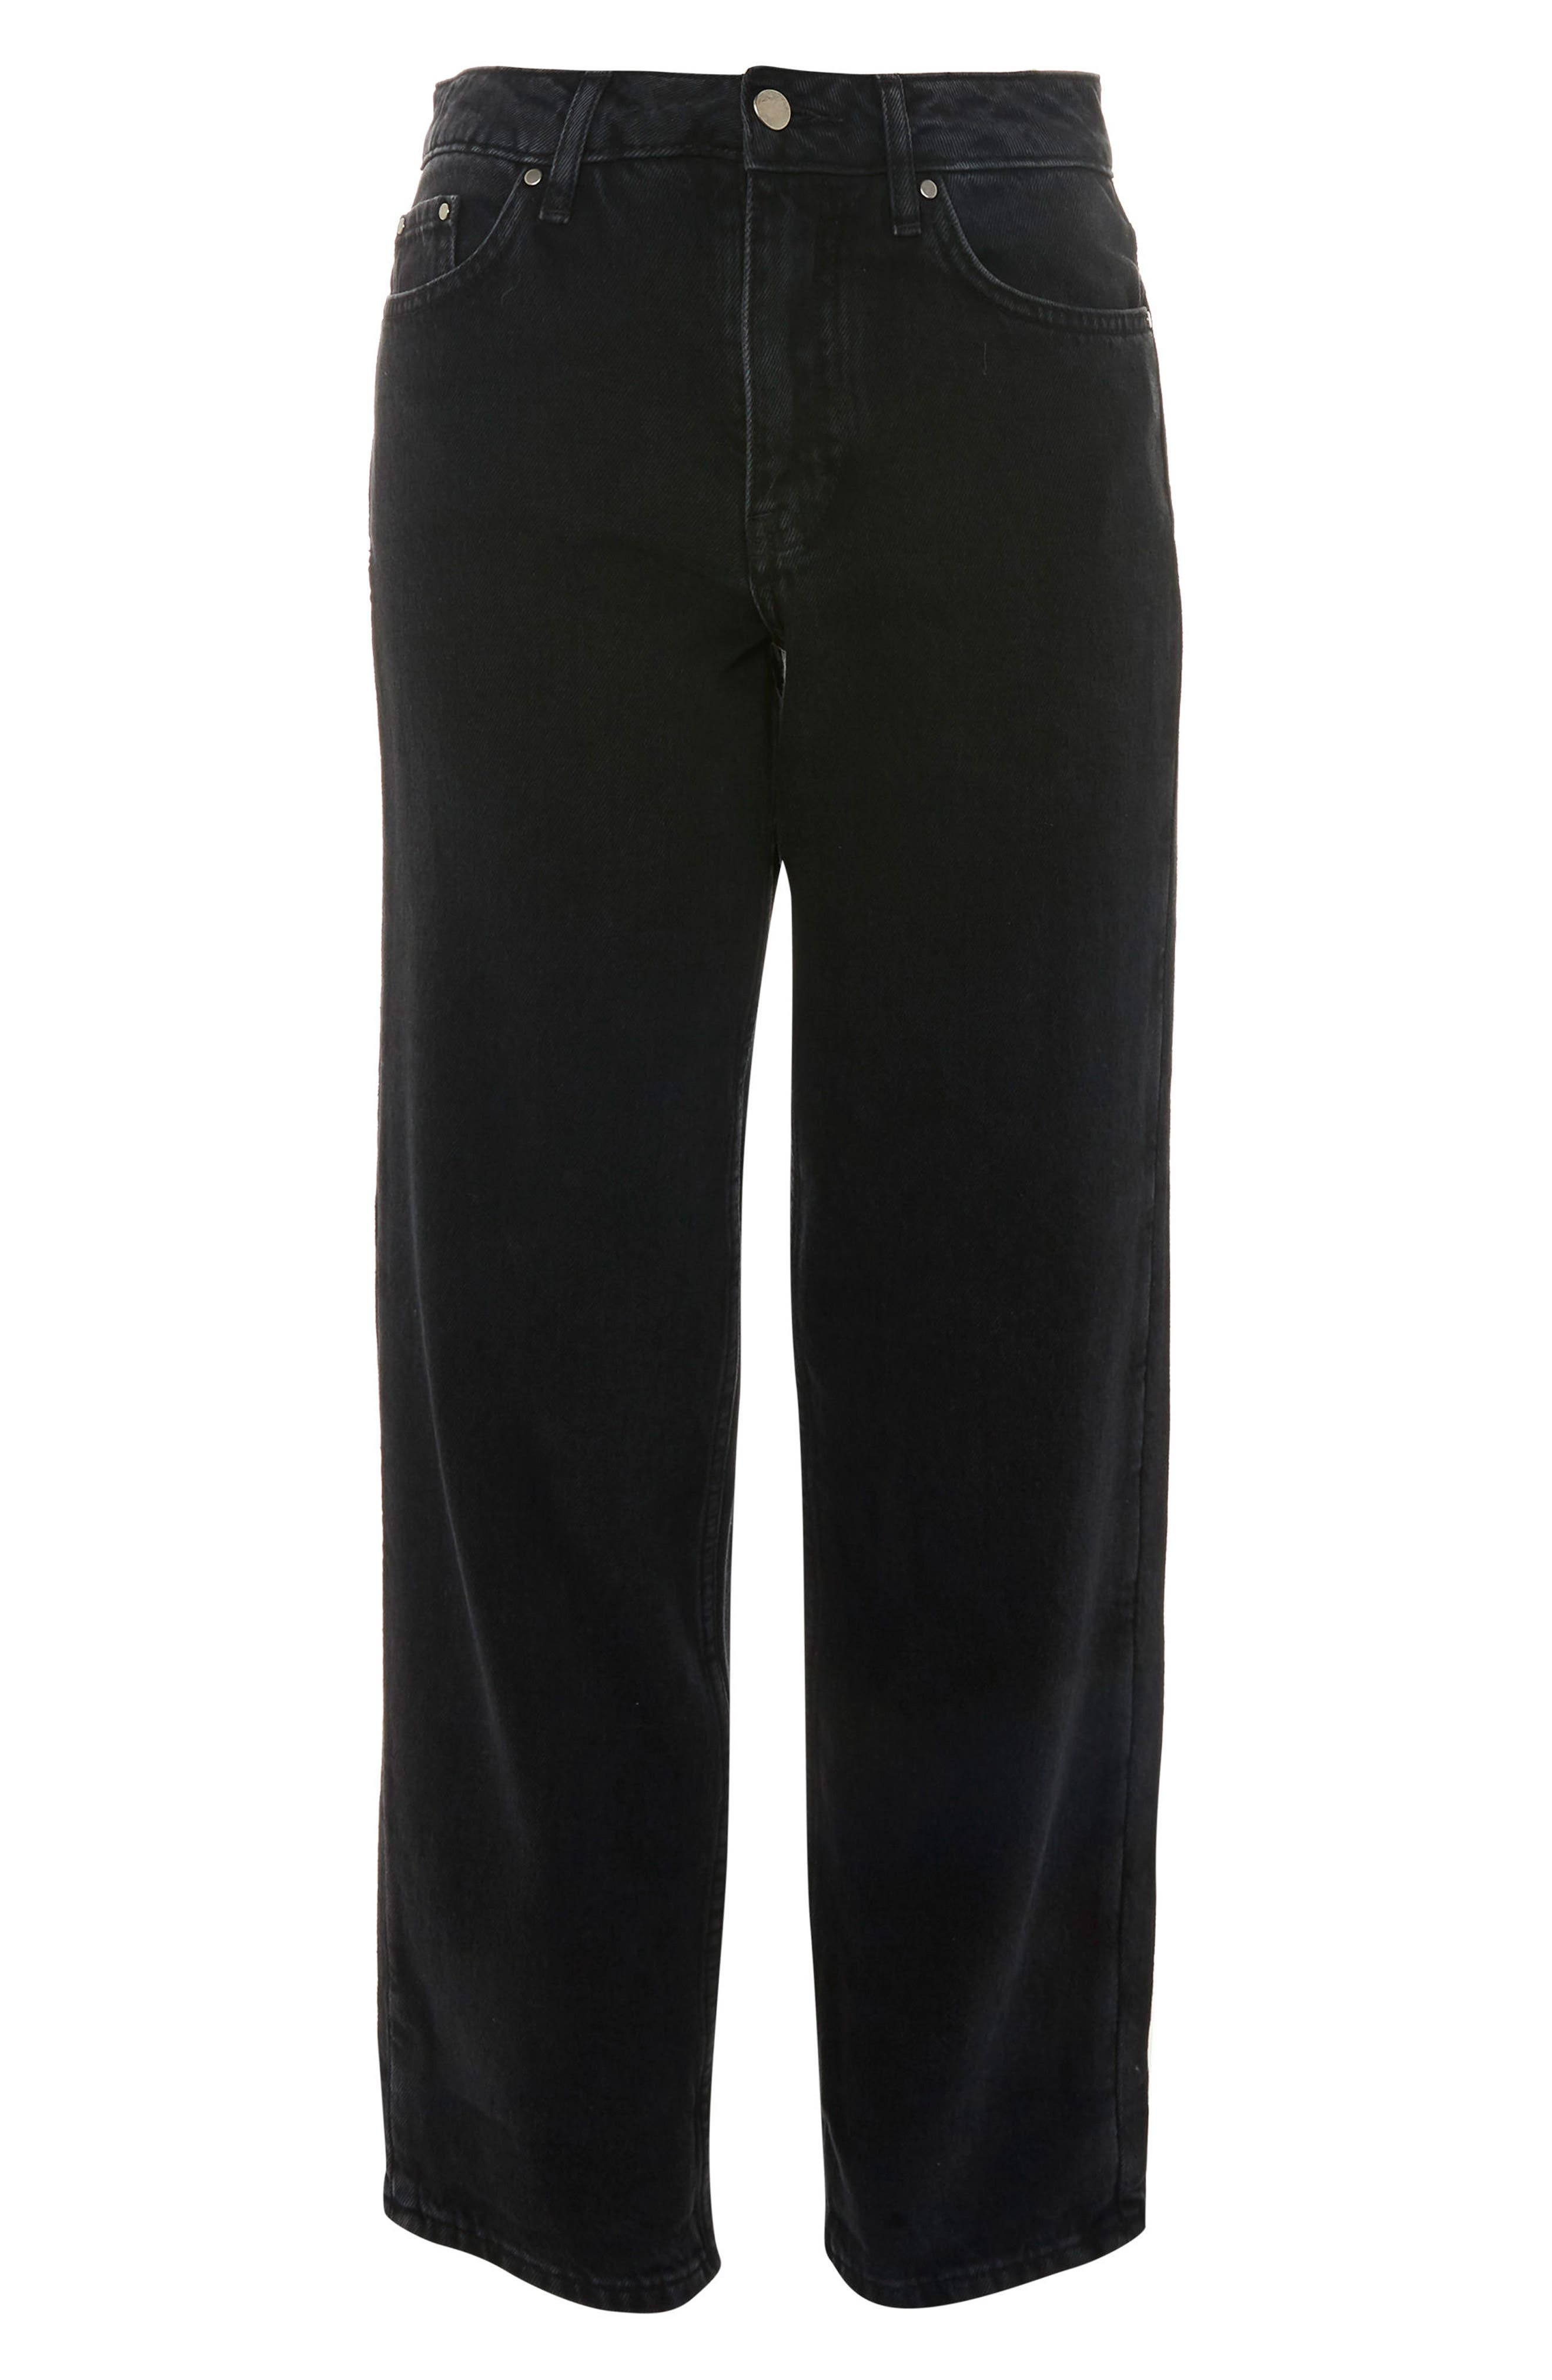 Topshop Boutique Black Straight Leg Moto Jeans